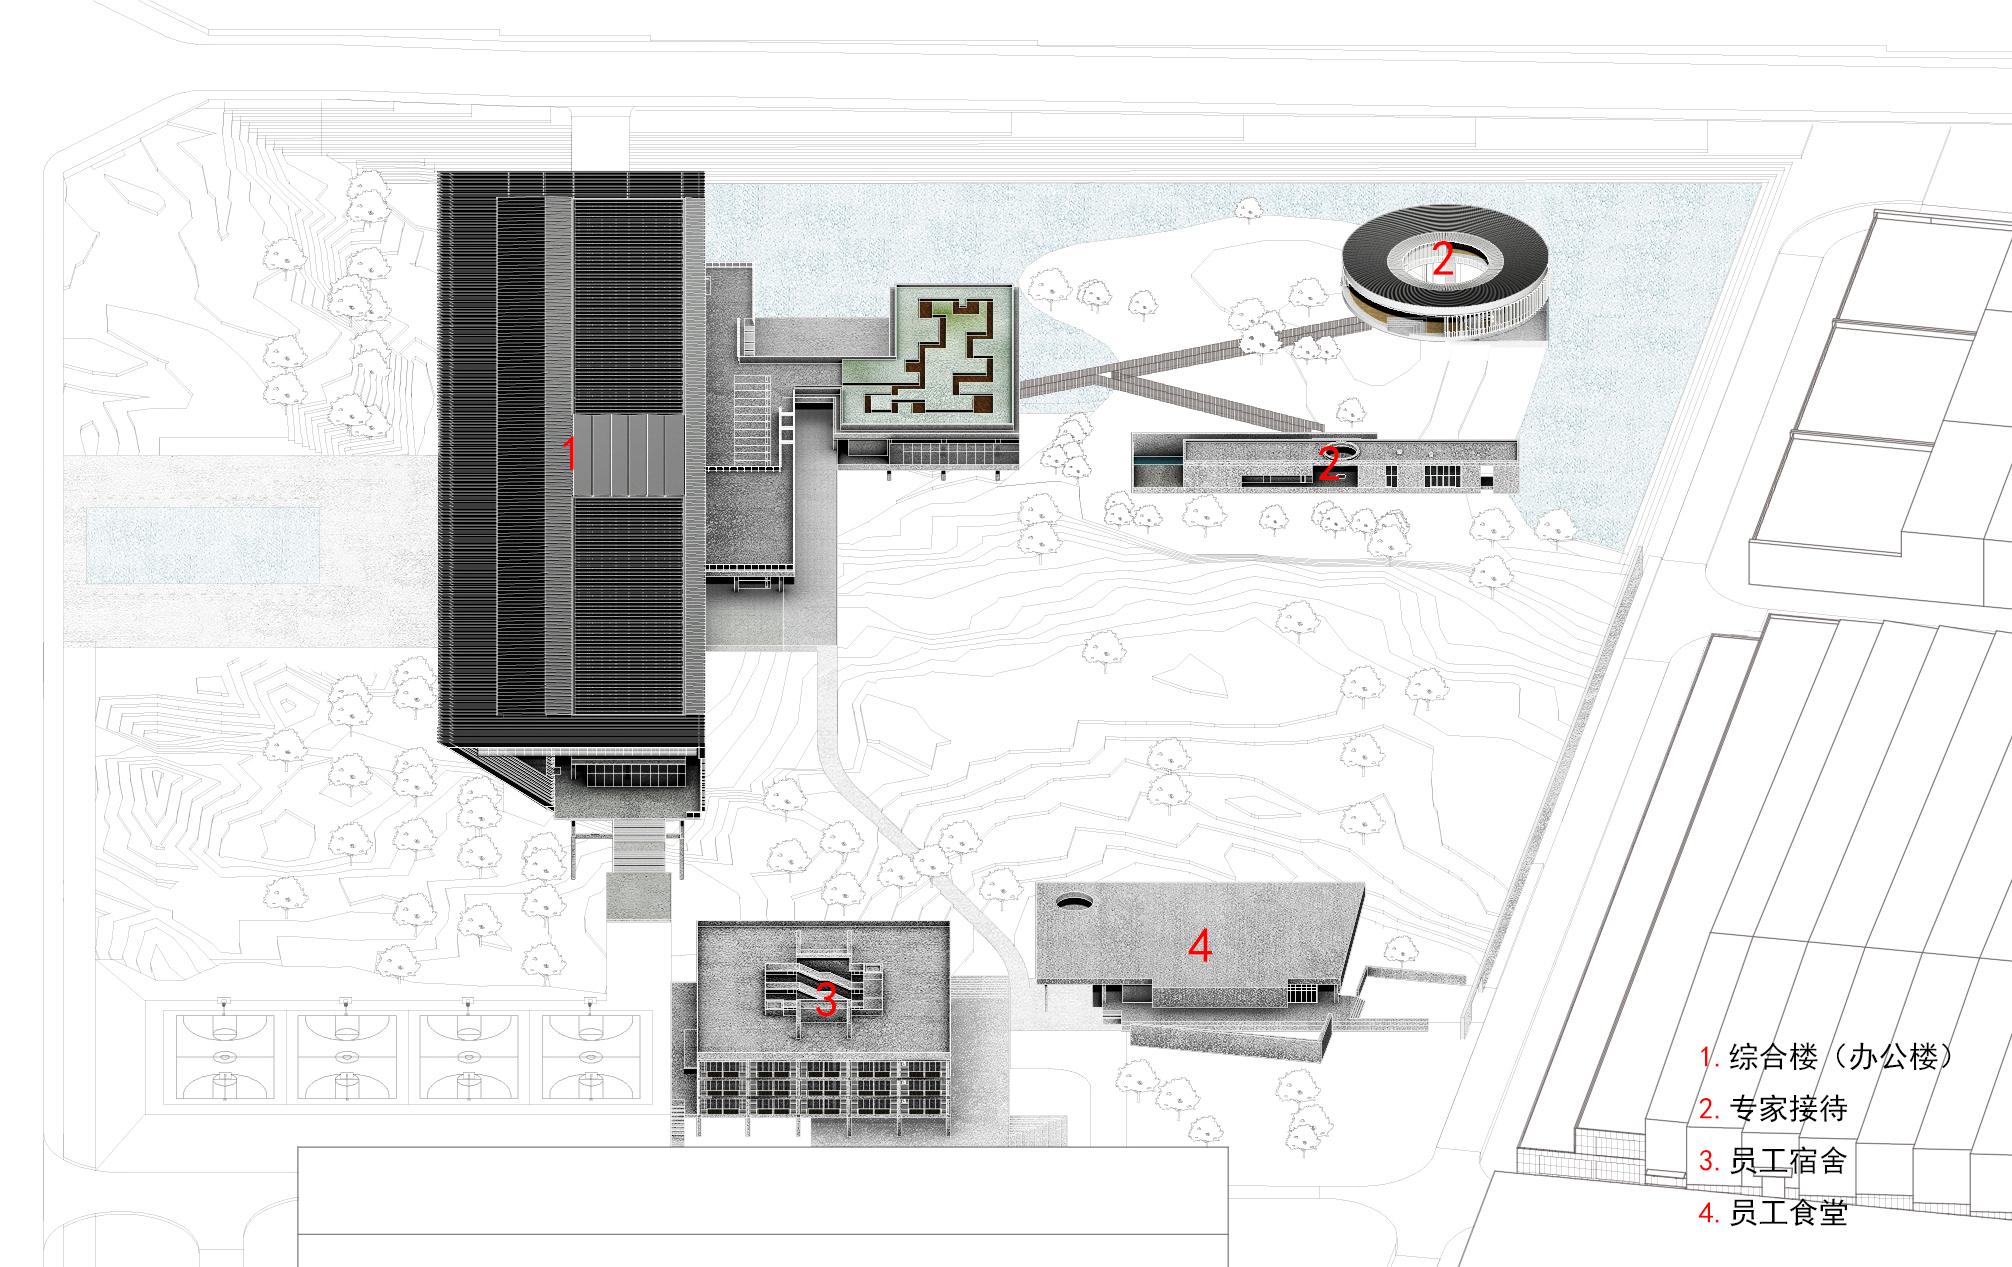 〔안정원의 디자인 칼럼〕 청두 항공우주 초합금 기술 캠퍼스의 효율적인 건축 프로그램 3